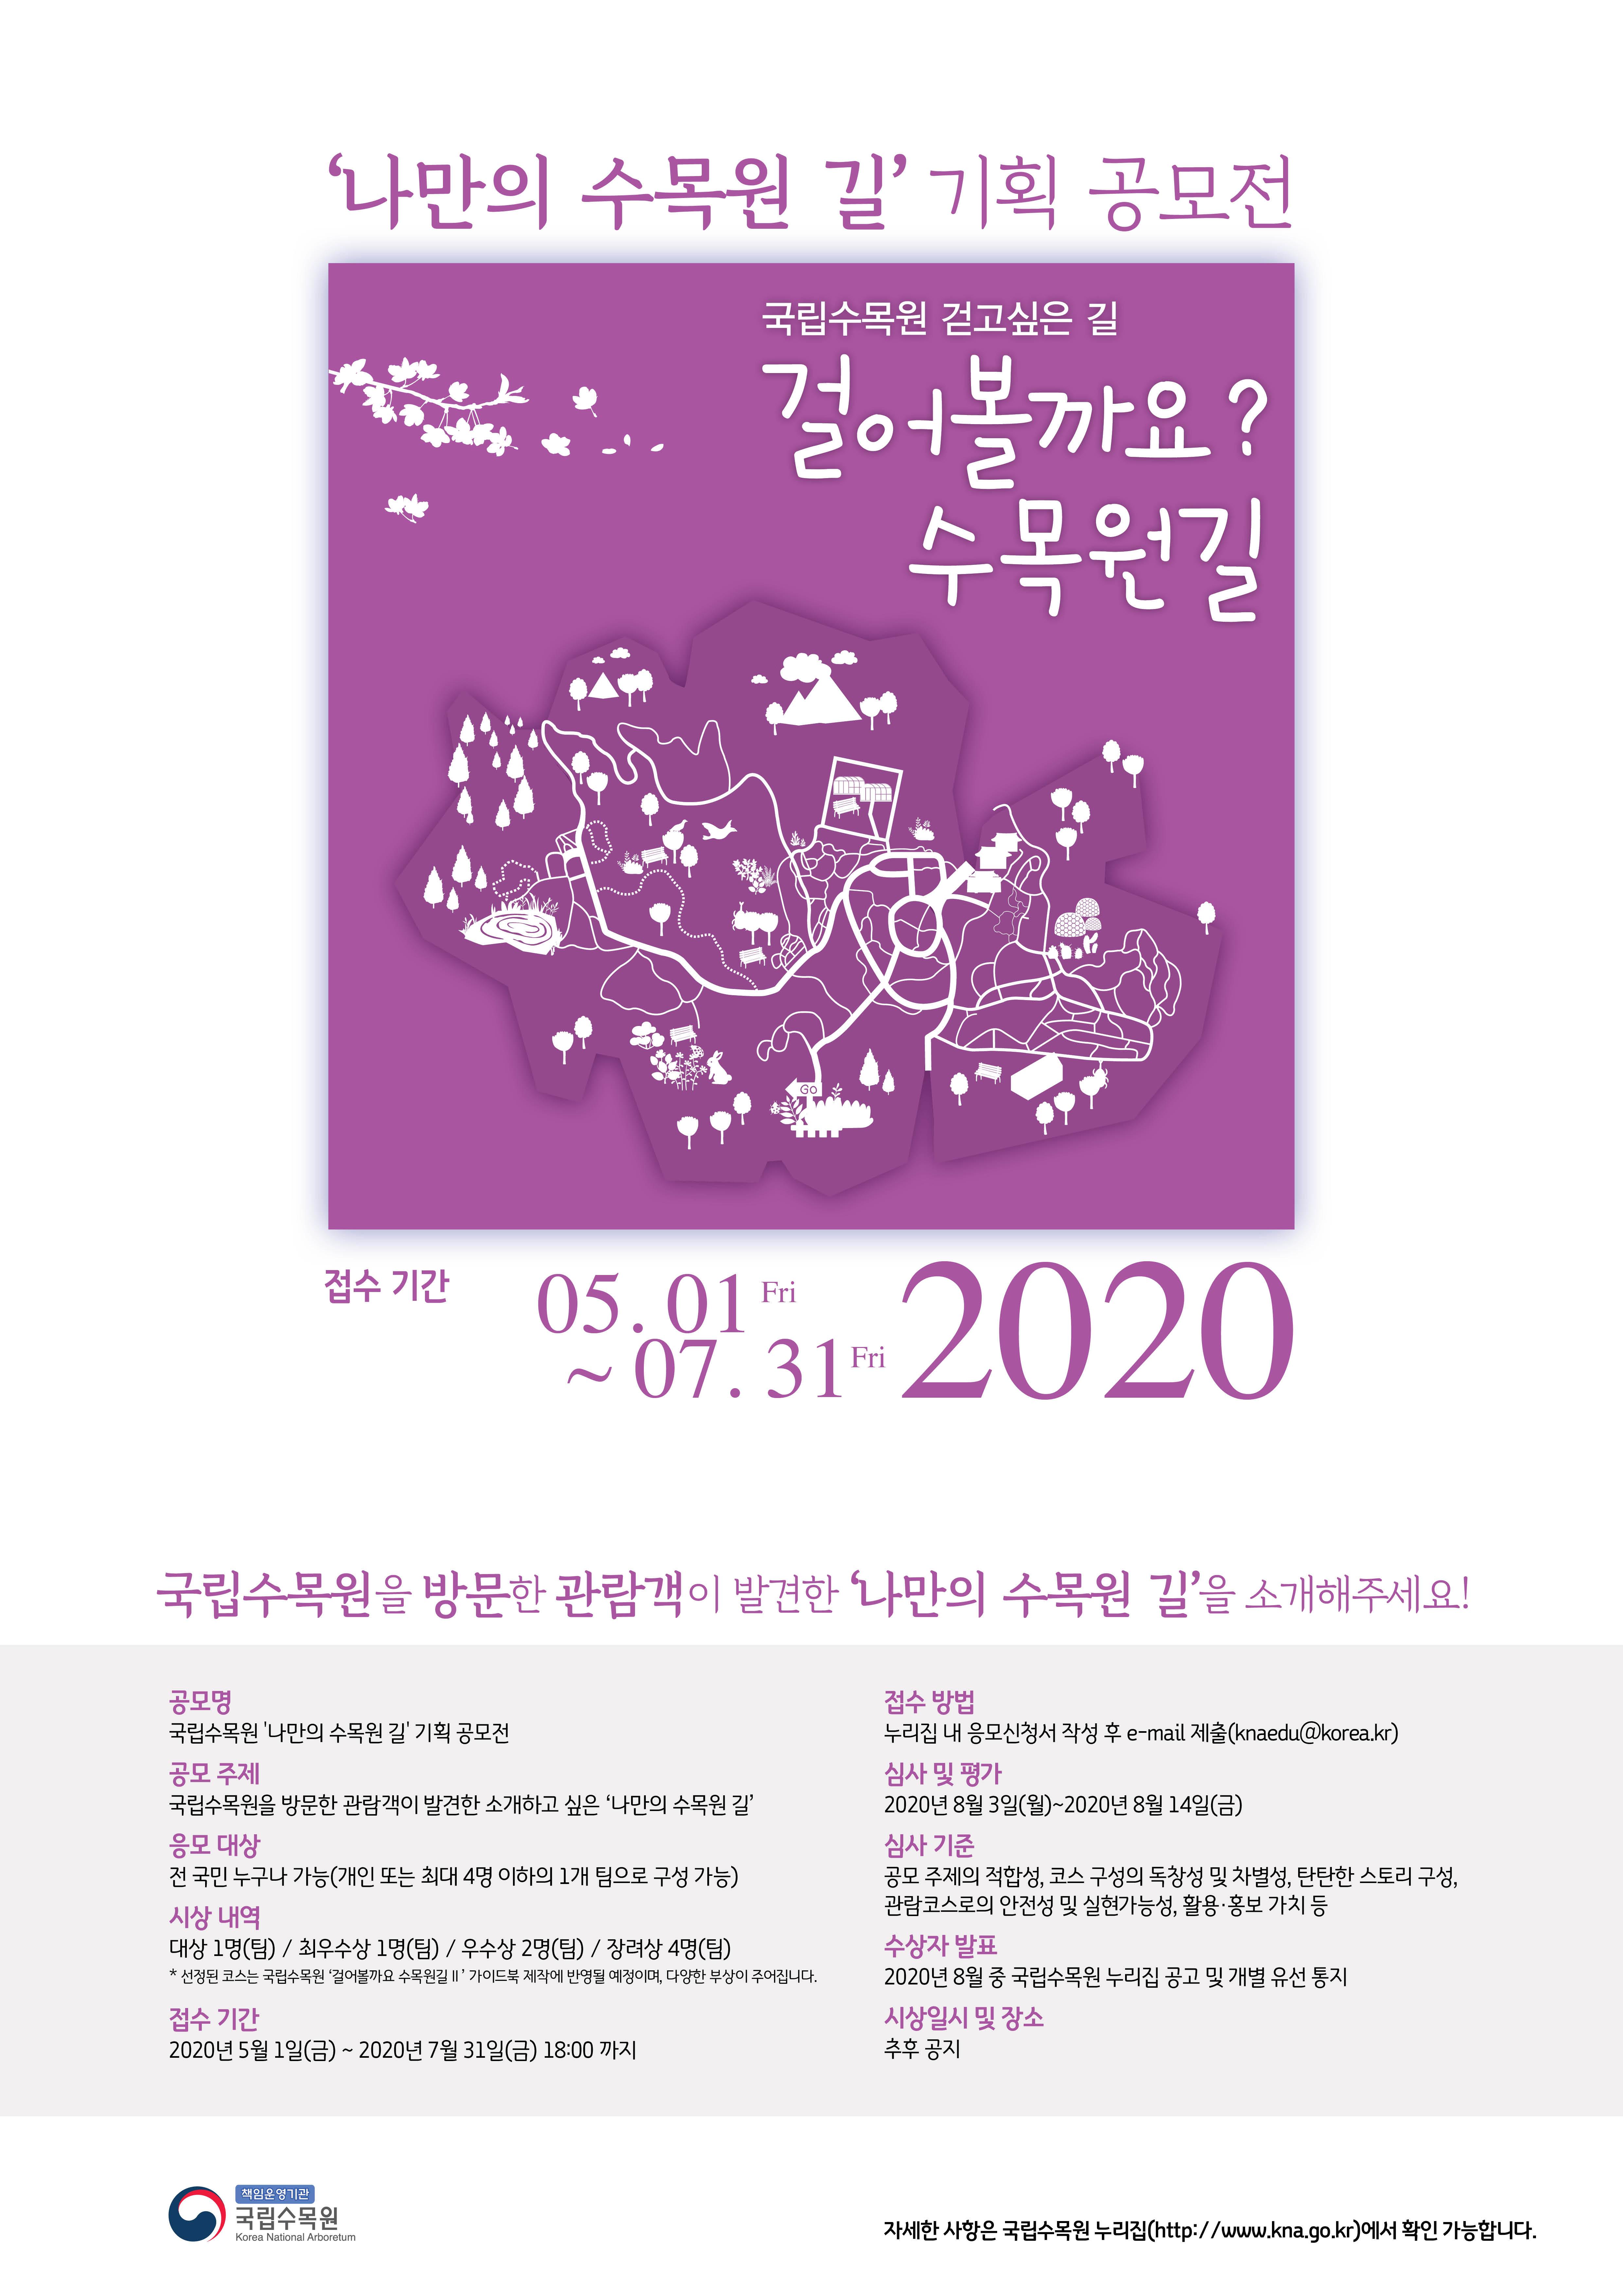 '나만의 수목원길' 기획공모전 포스터